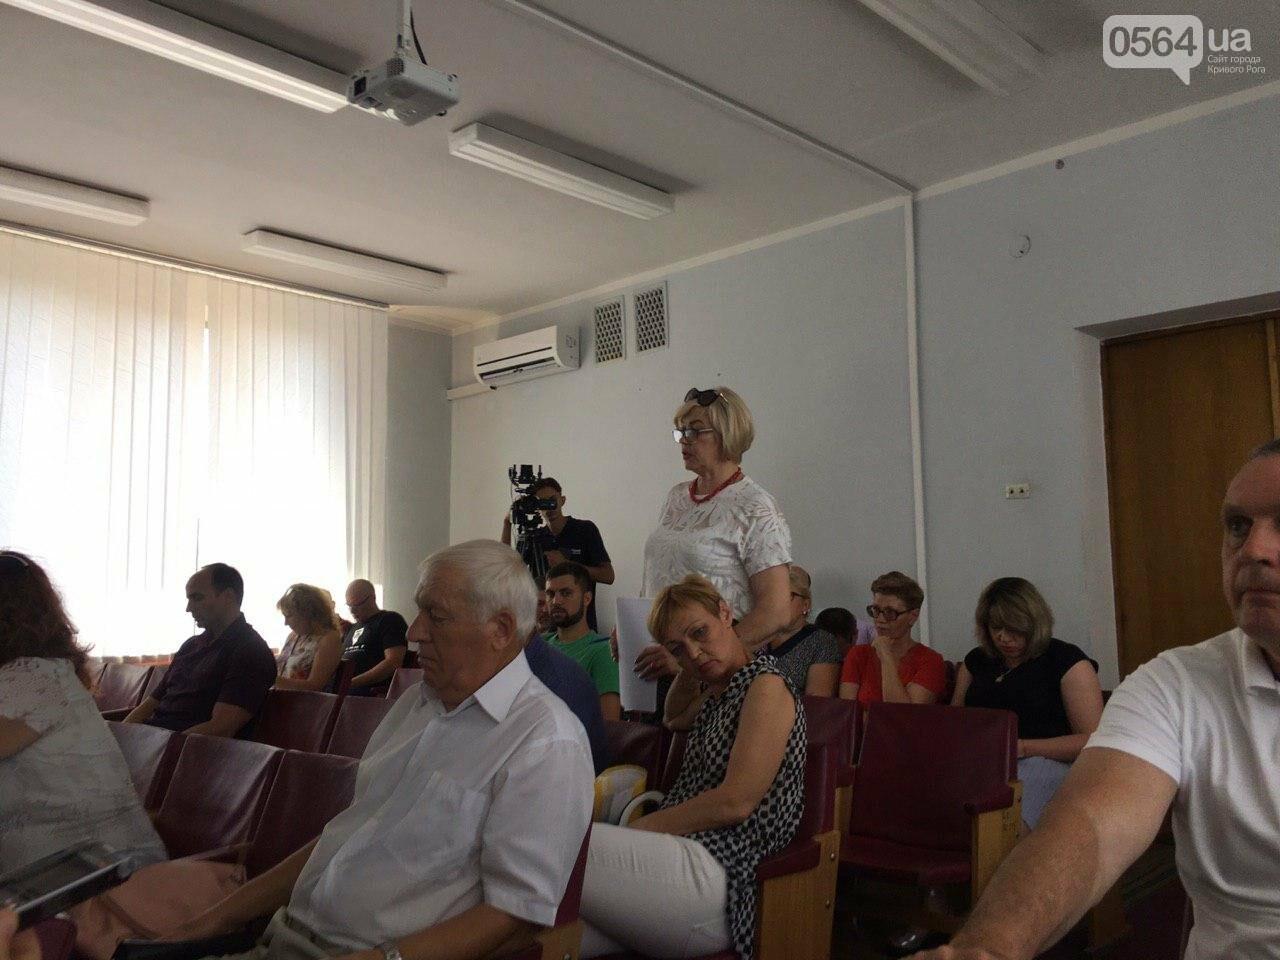 Криворожское КП пытается подготовится к отопительному сезону, несмотря на долг в полмиллиарда, - ФОТО , фото-42